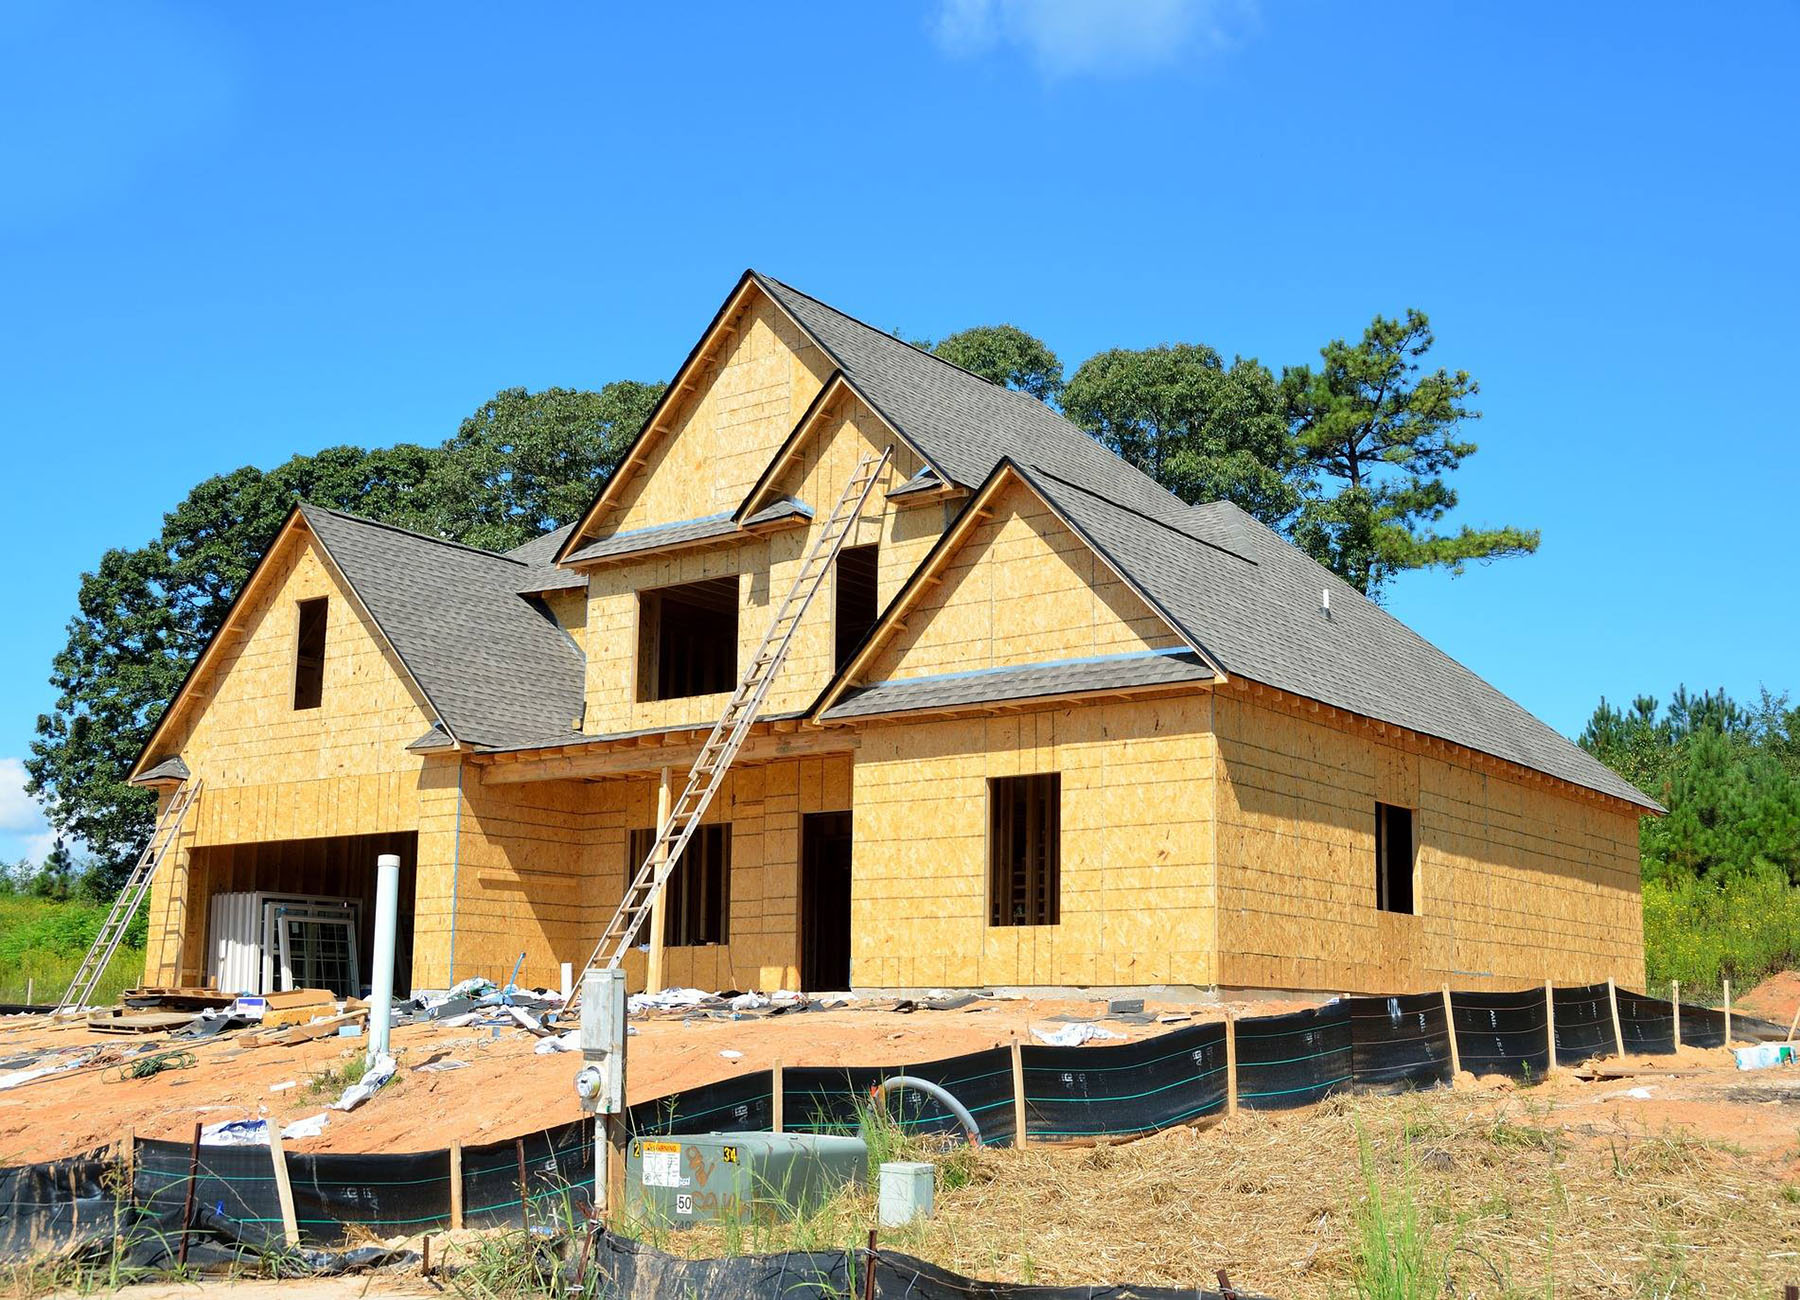 Heritage Home Builders New Home Construction in Ballston Lake, NY Saratoga County, NY & Clifton Park, NY